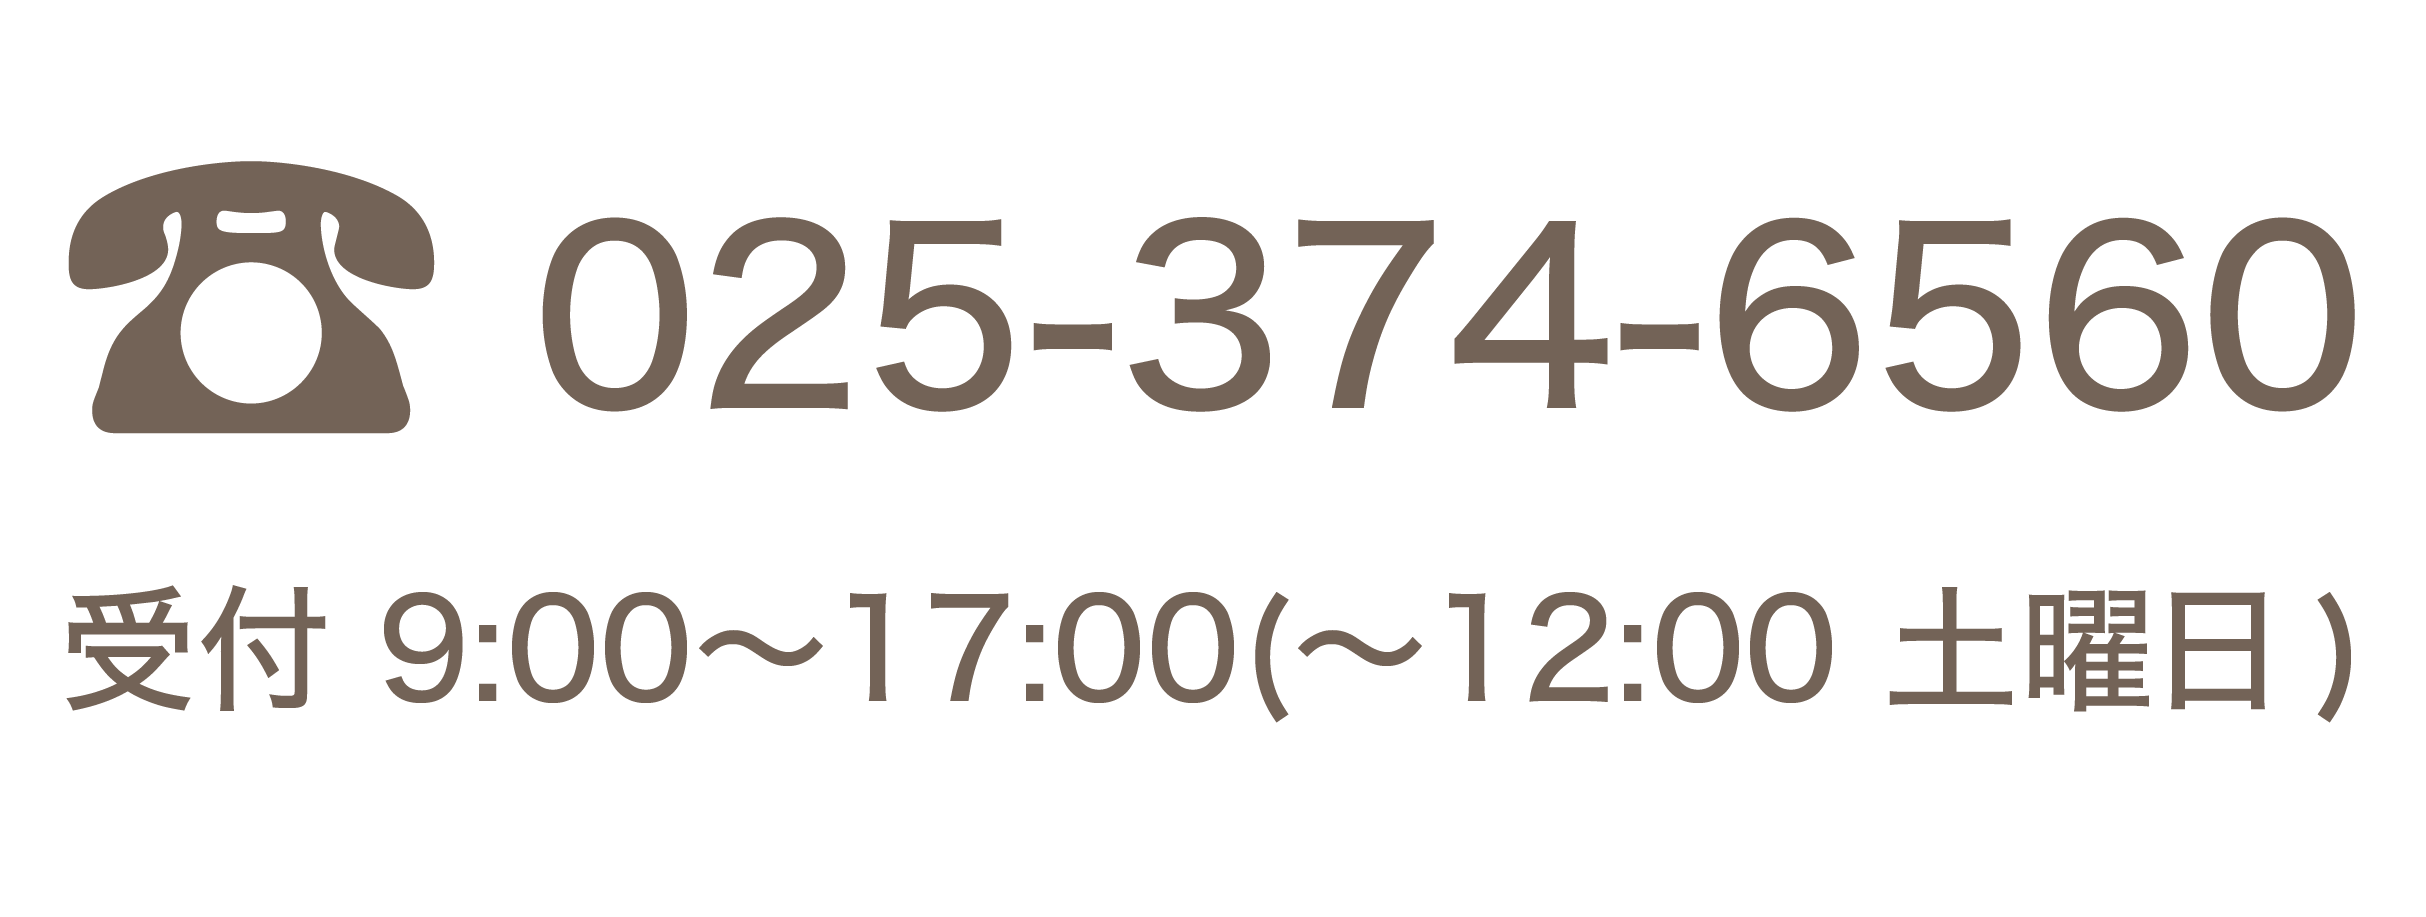 電話番号025ー374ー6560